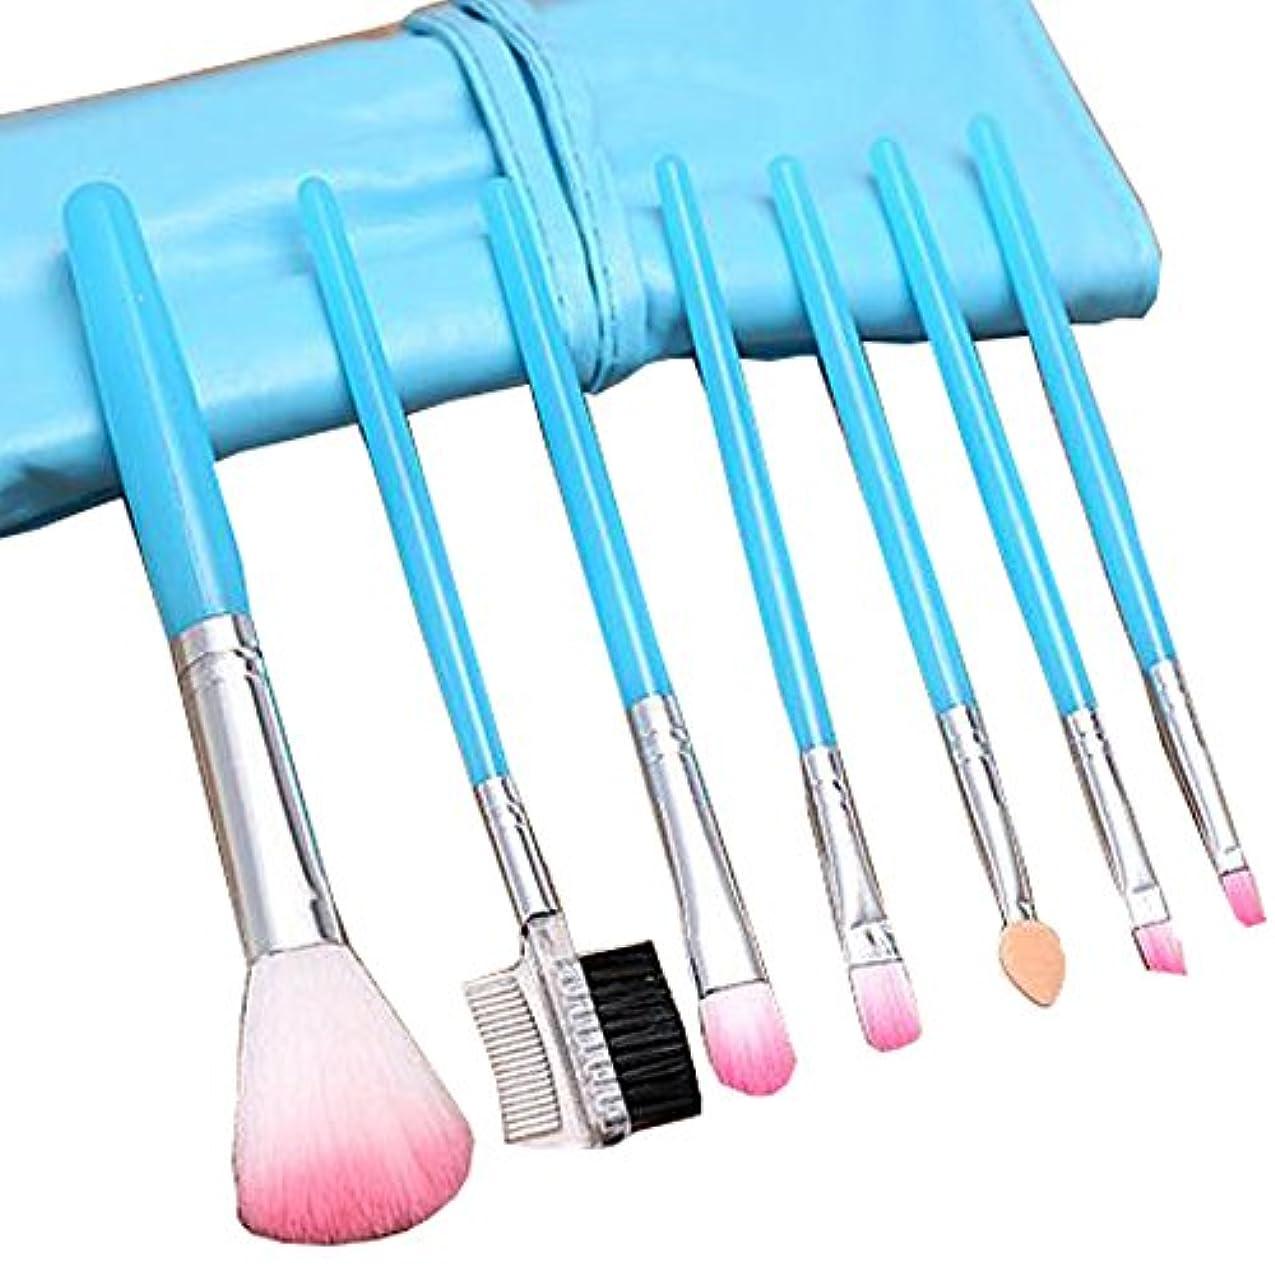 熱特権寛大なポータブルメイクブラシツール化粧品基礎メイクブラシセット